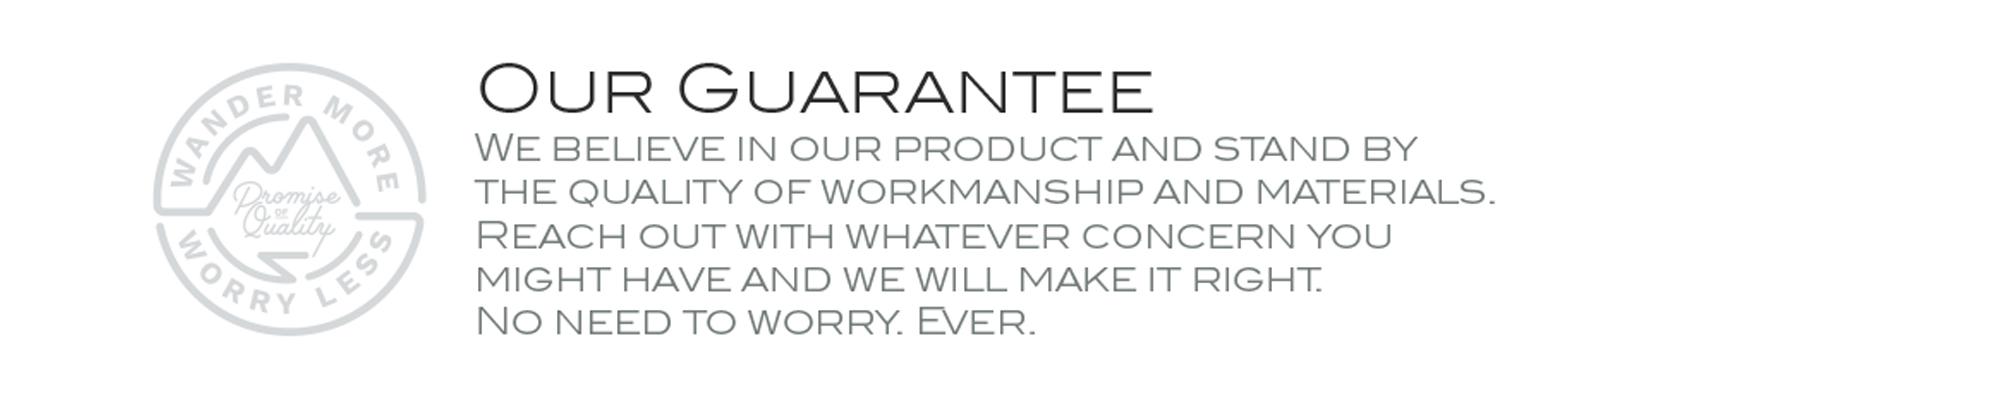 Wandrd Lifetime Warranty